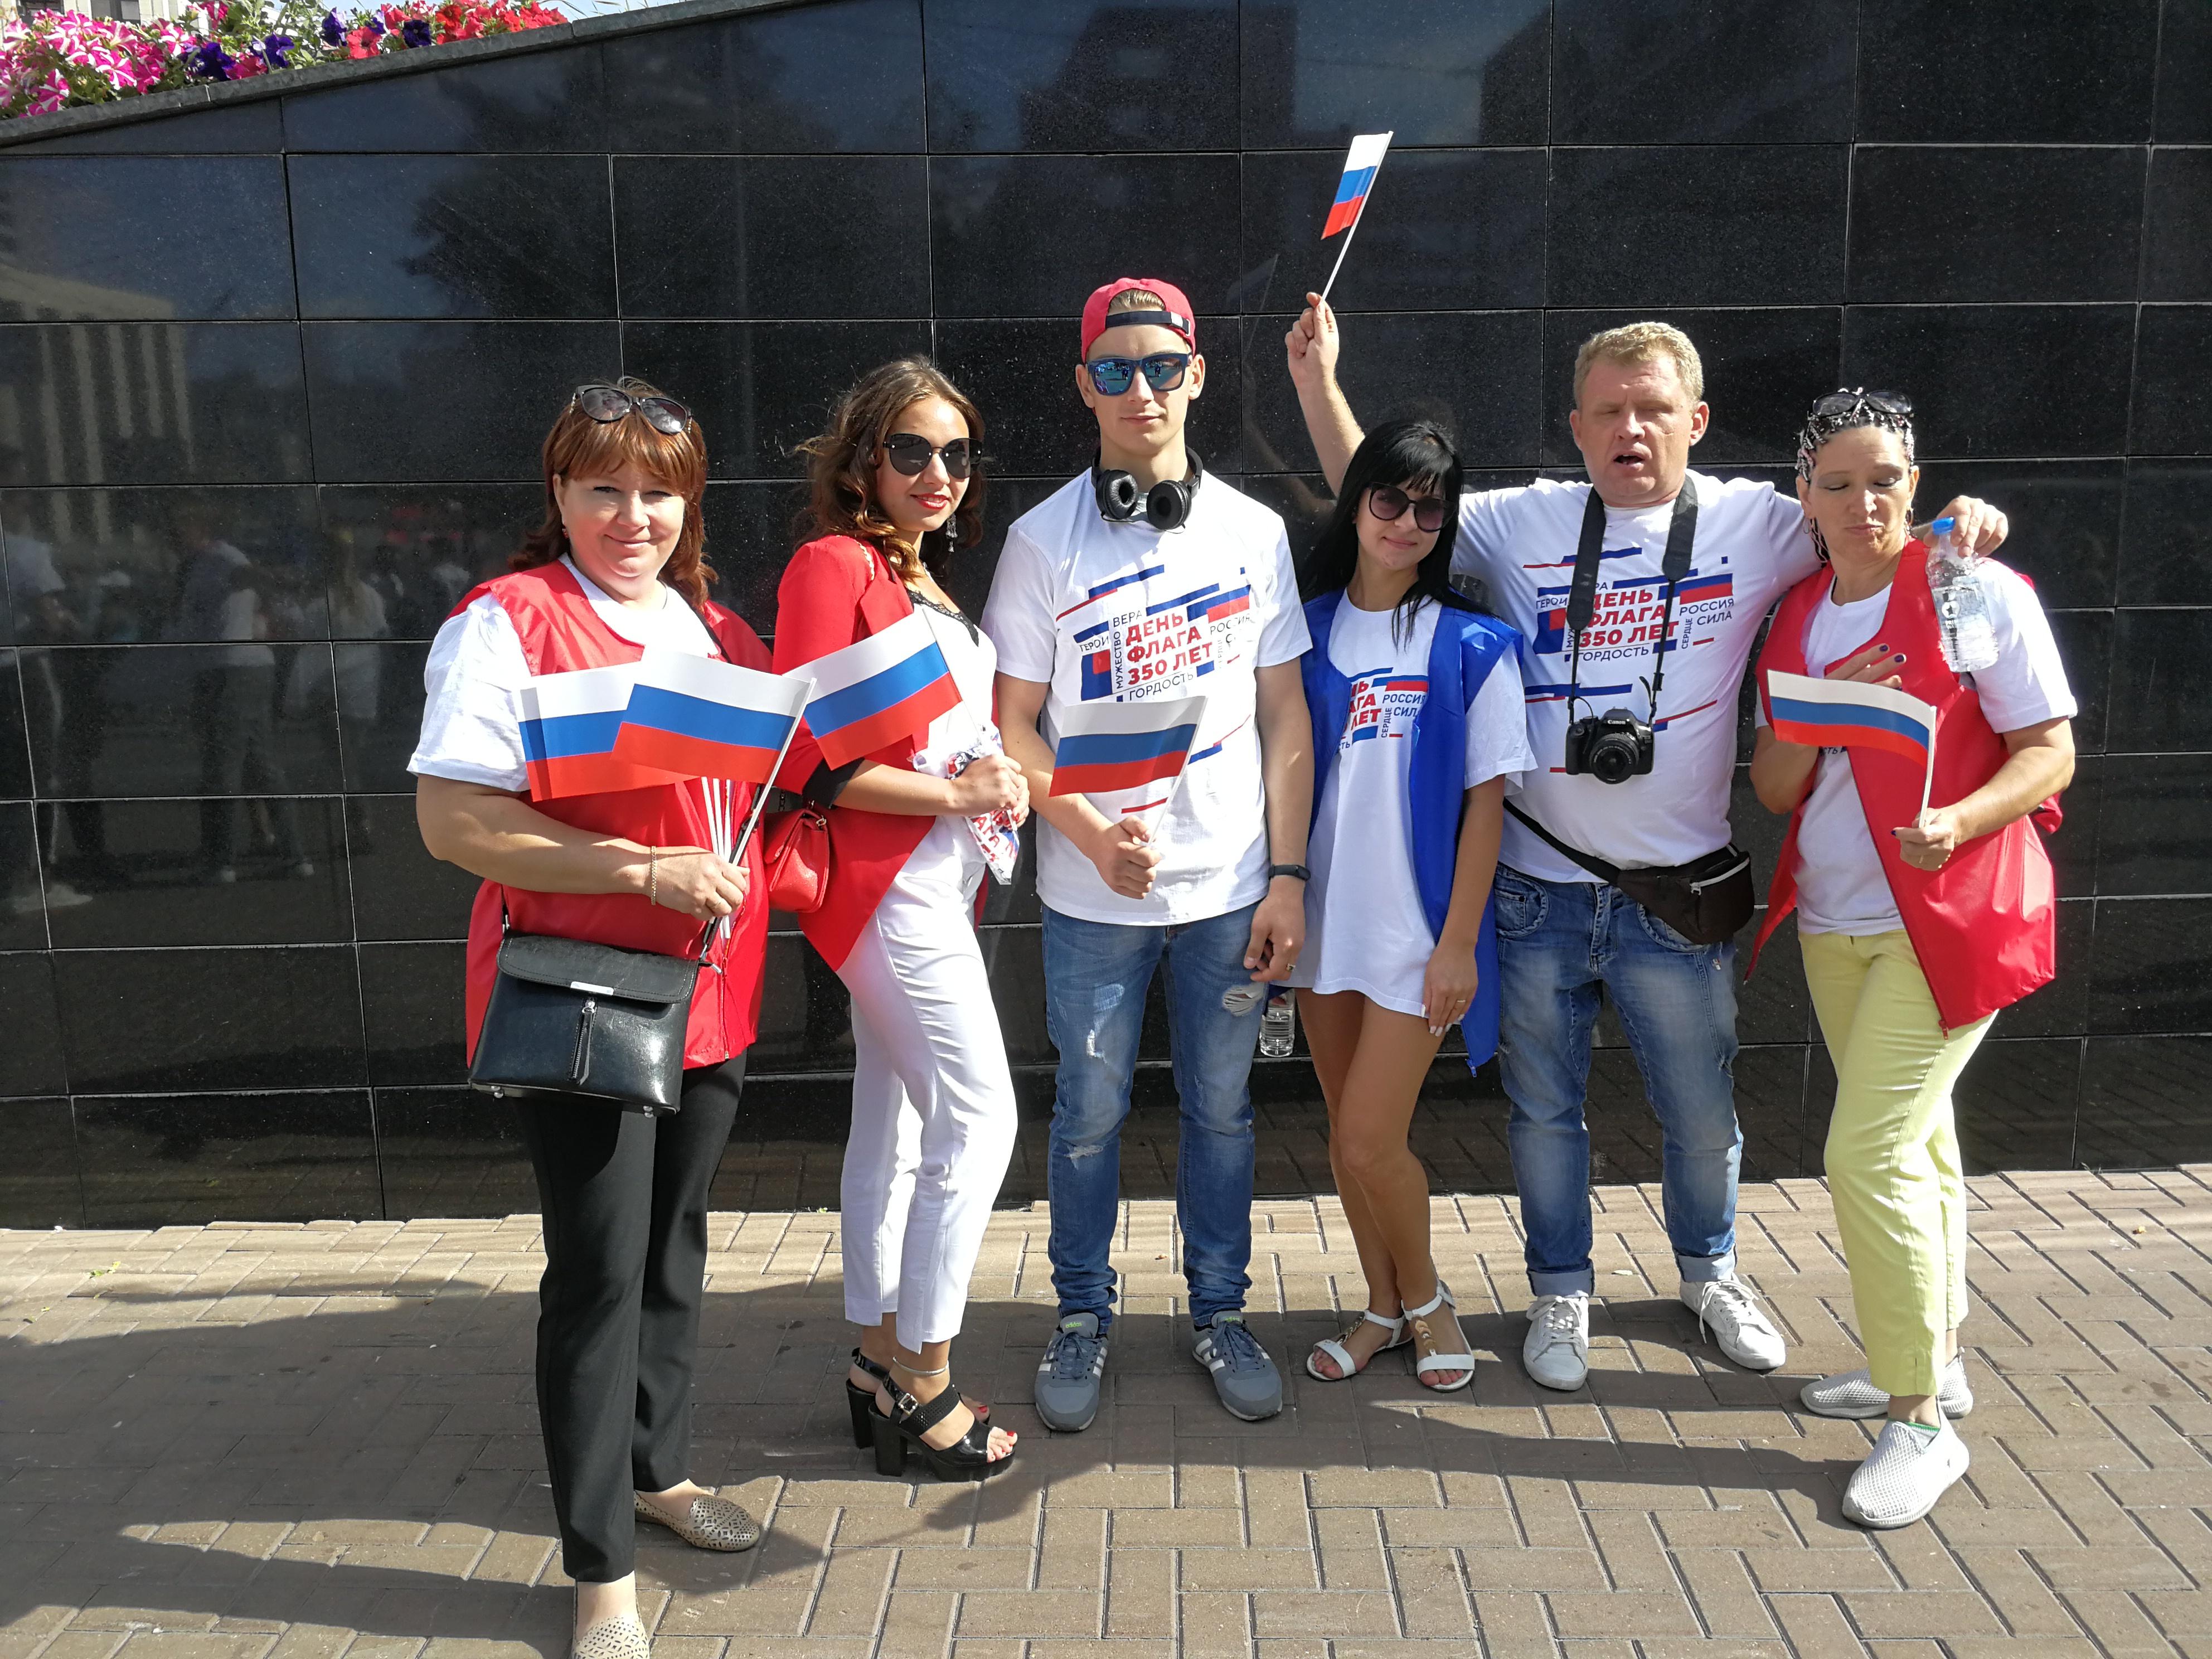 Альбом Празднование 350-летия российского флага в г. Москва